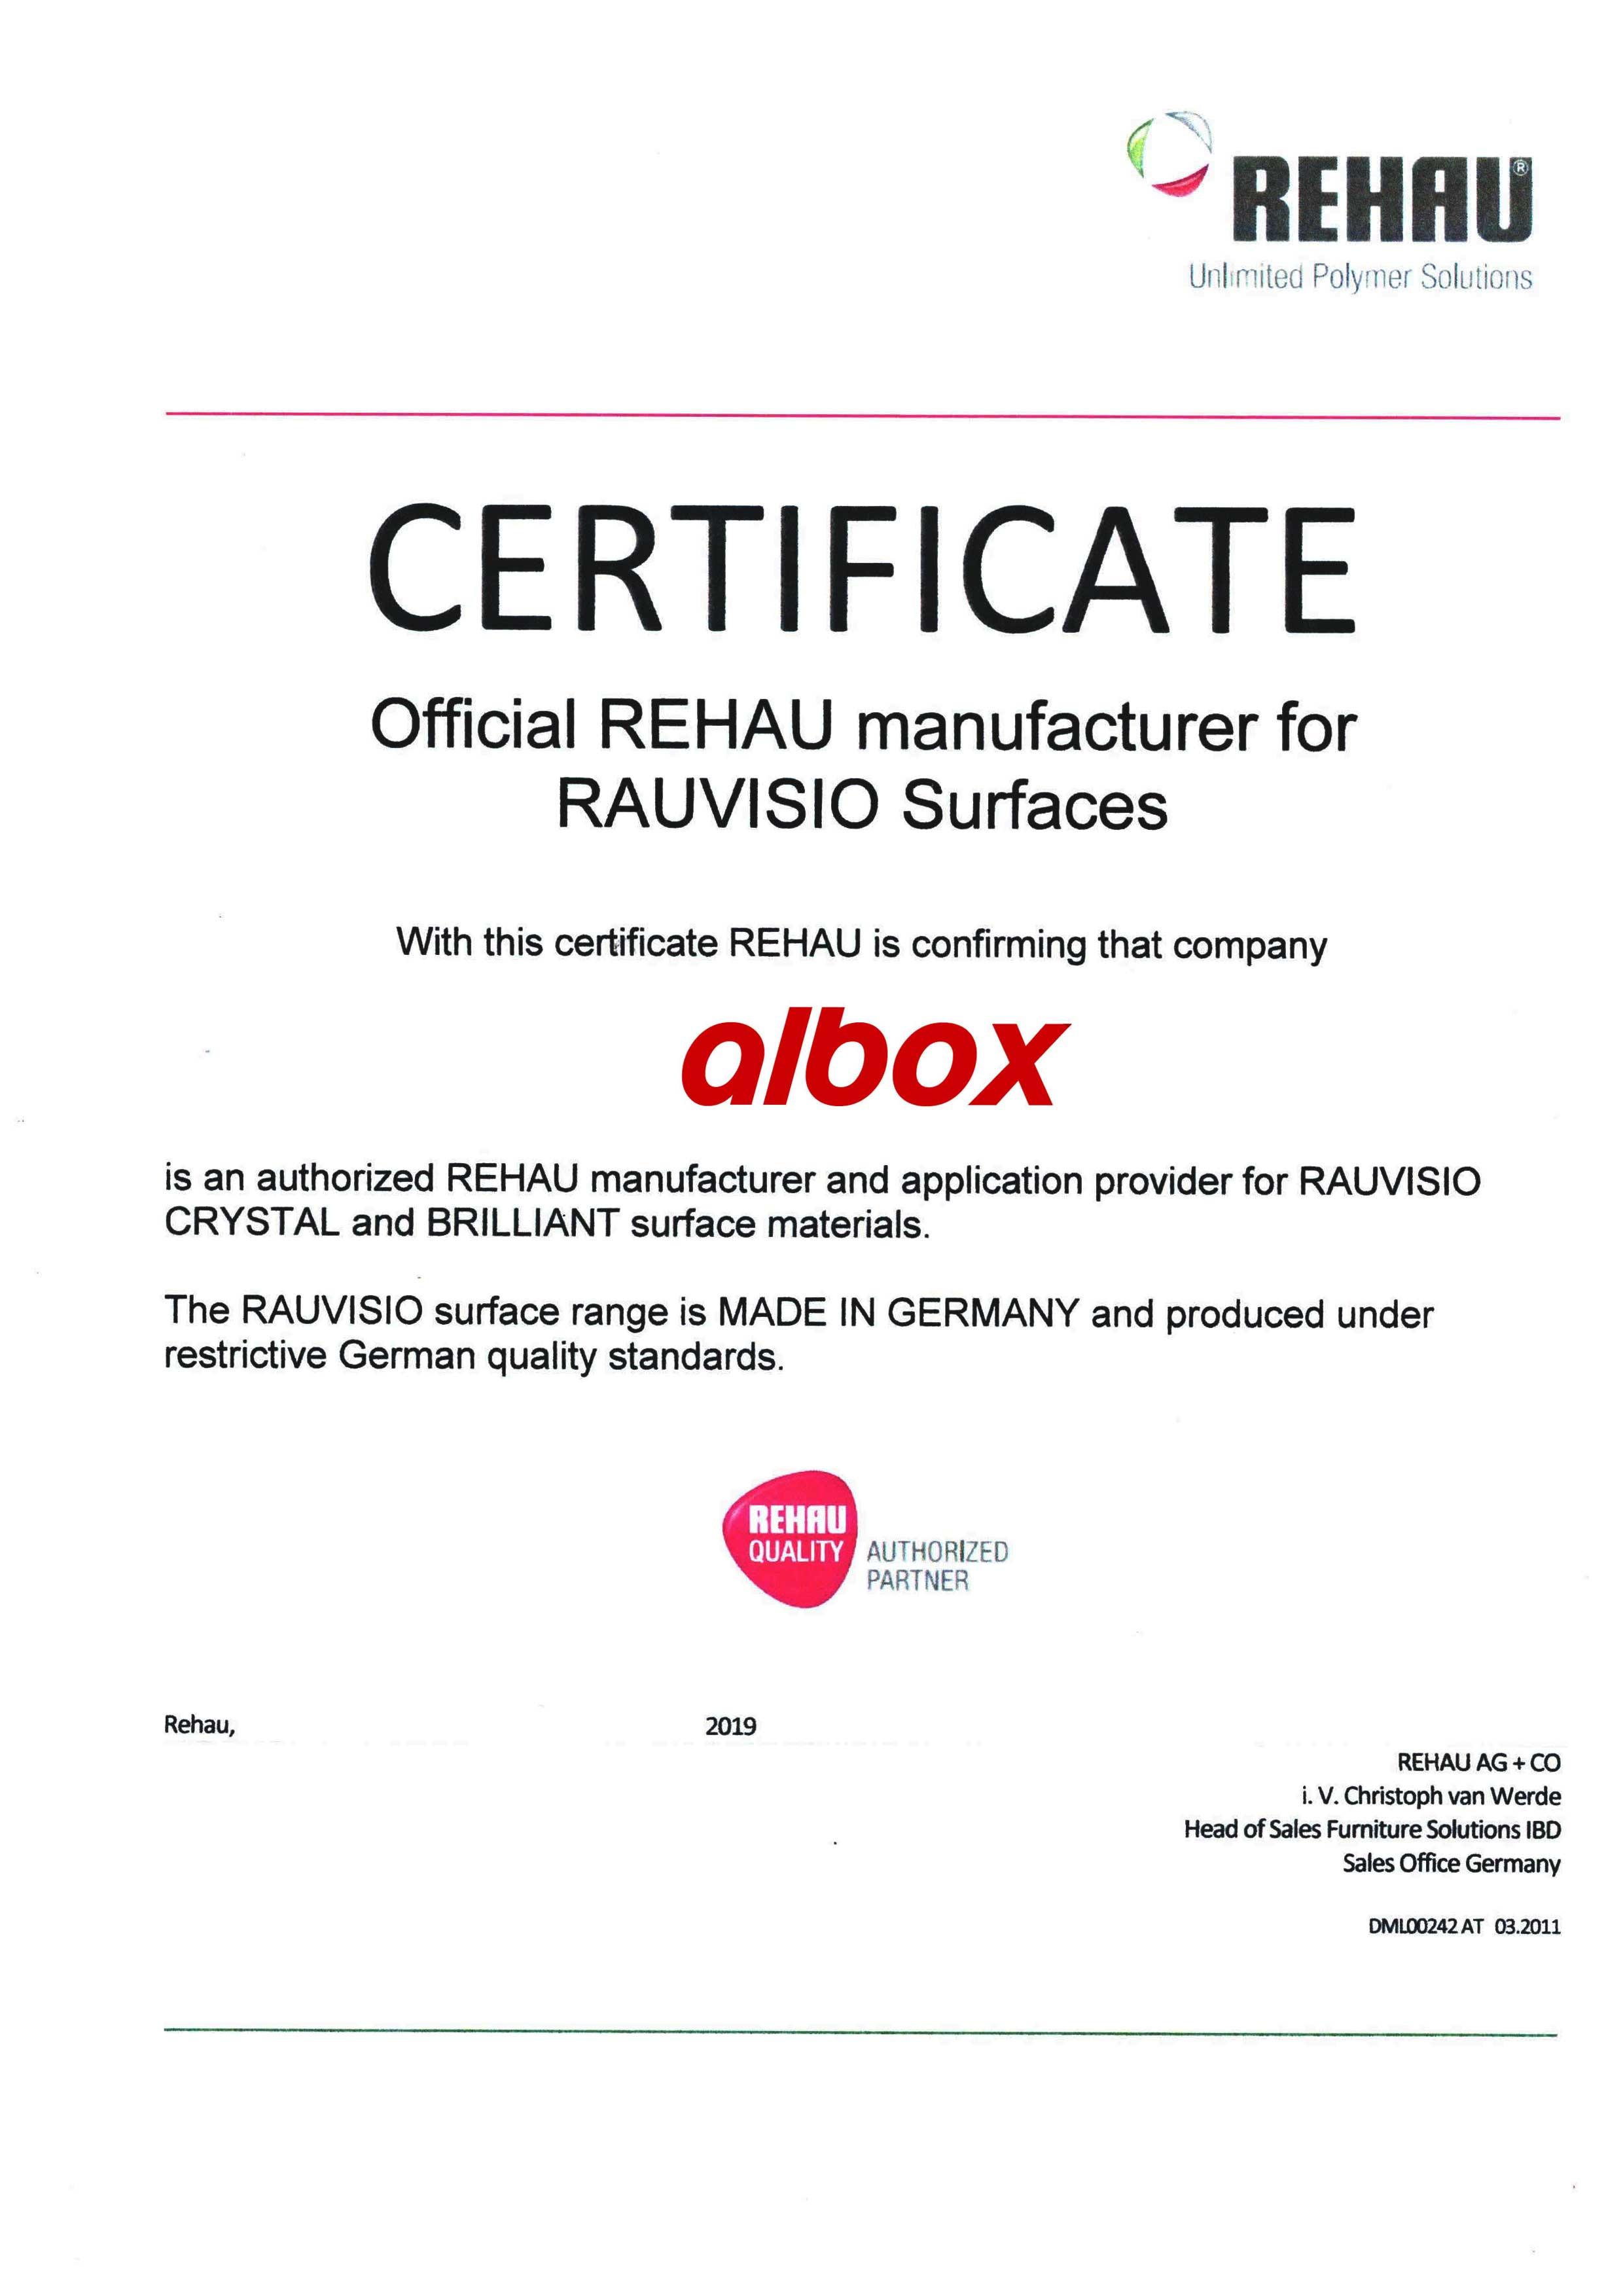 rehau sertifika